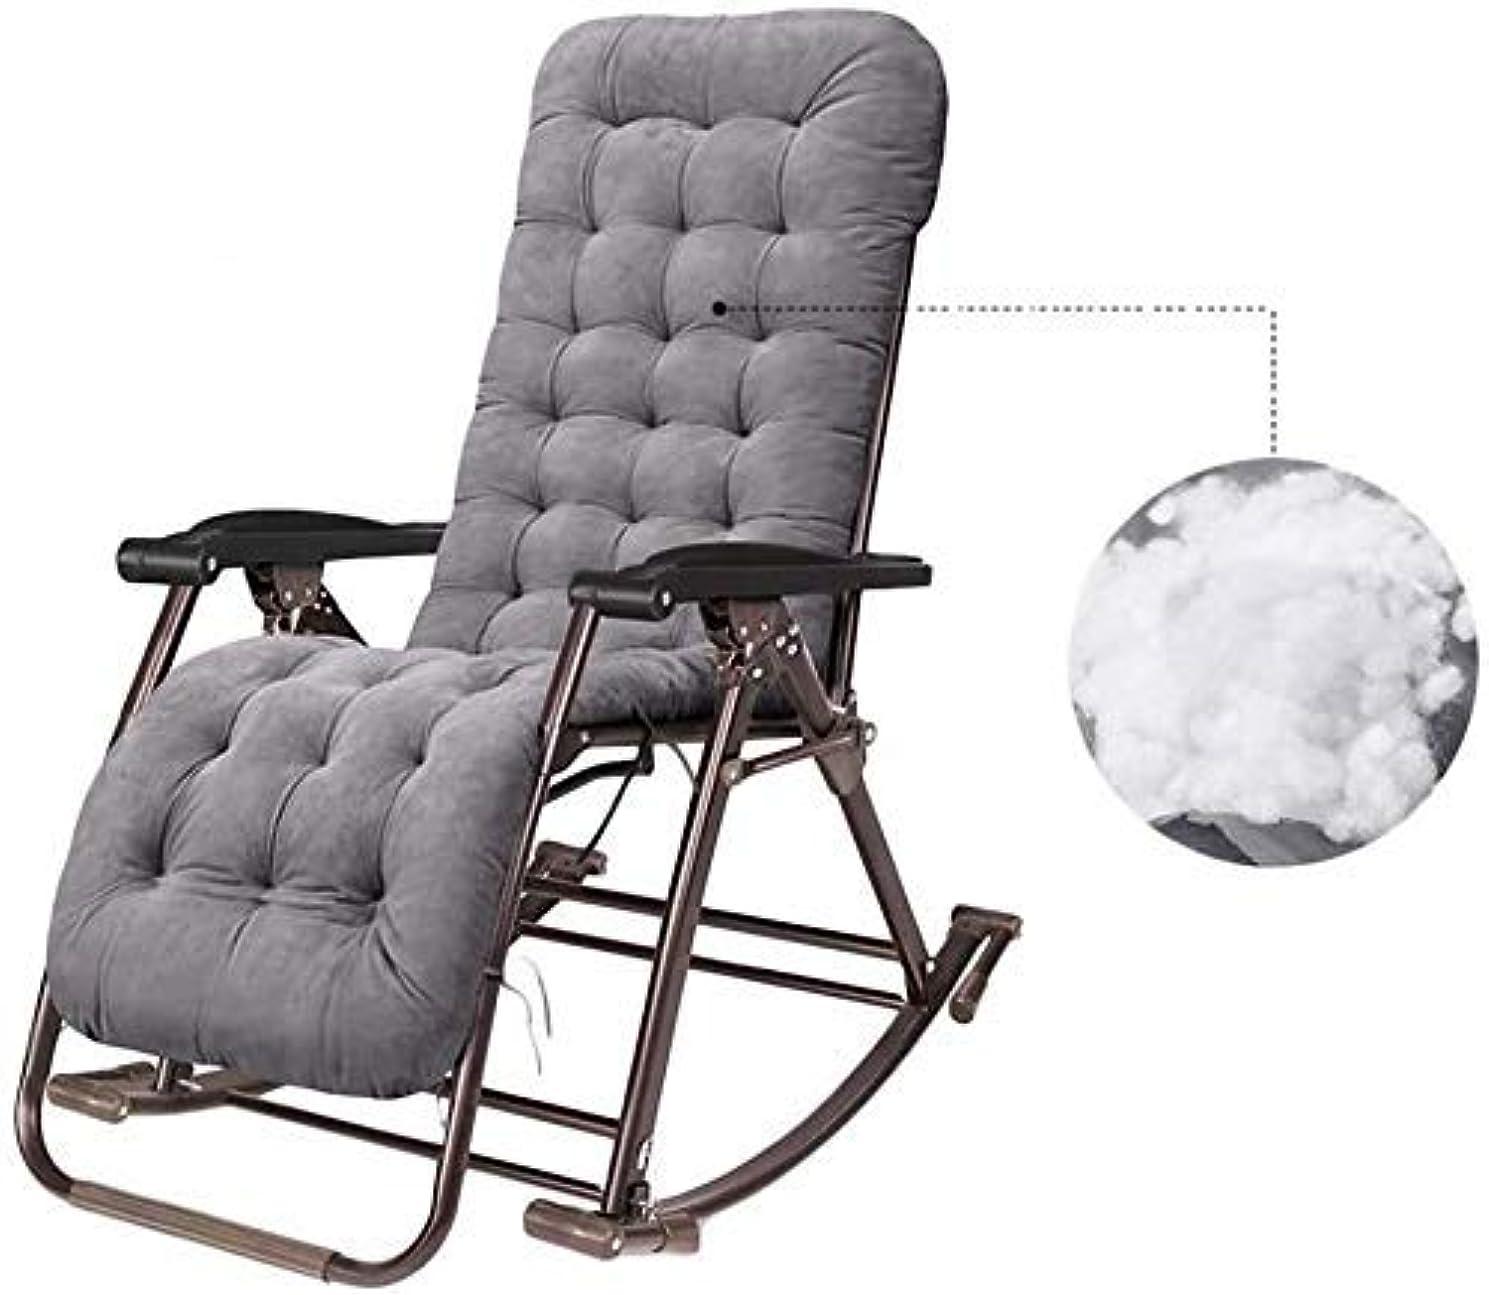 それによって計算プロポーショナルリクライニングチェアの屋外の椅子、屋外の庭のロッキングチェアのリラックスできる椅子、キャンプの庭のデッキチェア、超広いテラスのリクライニングチェア(色:クッション付き)